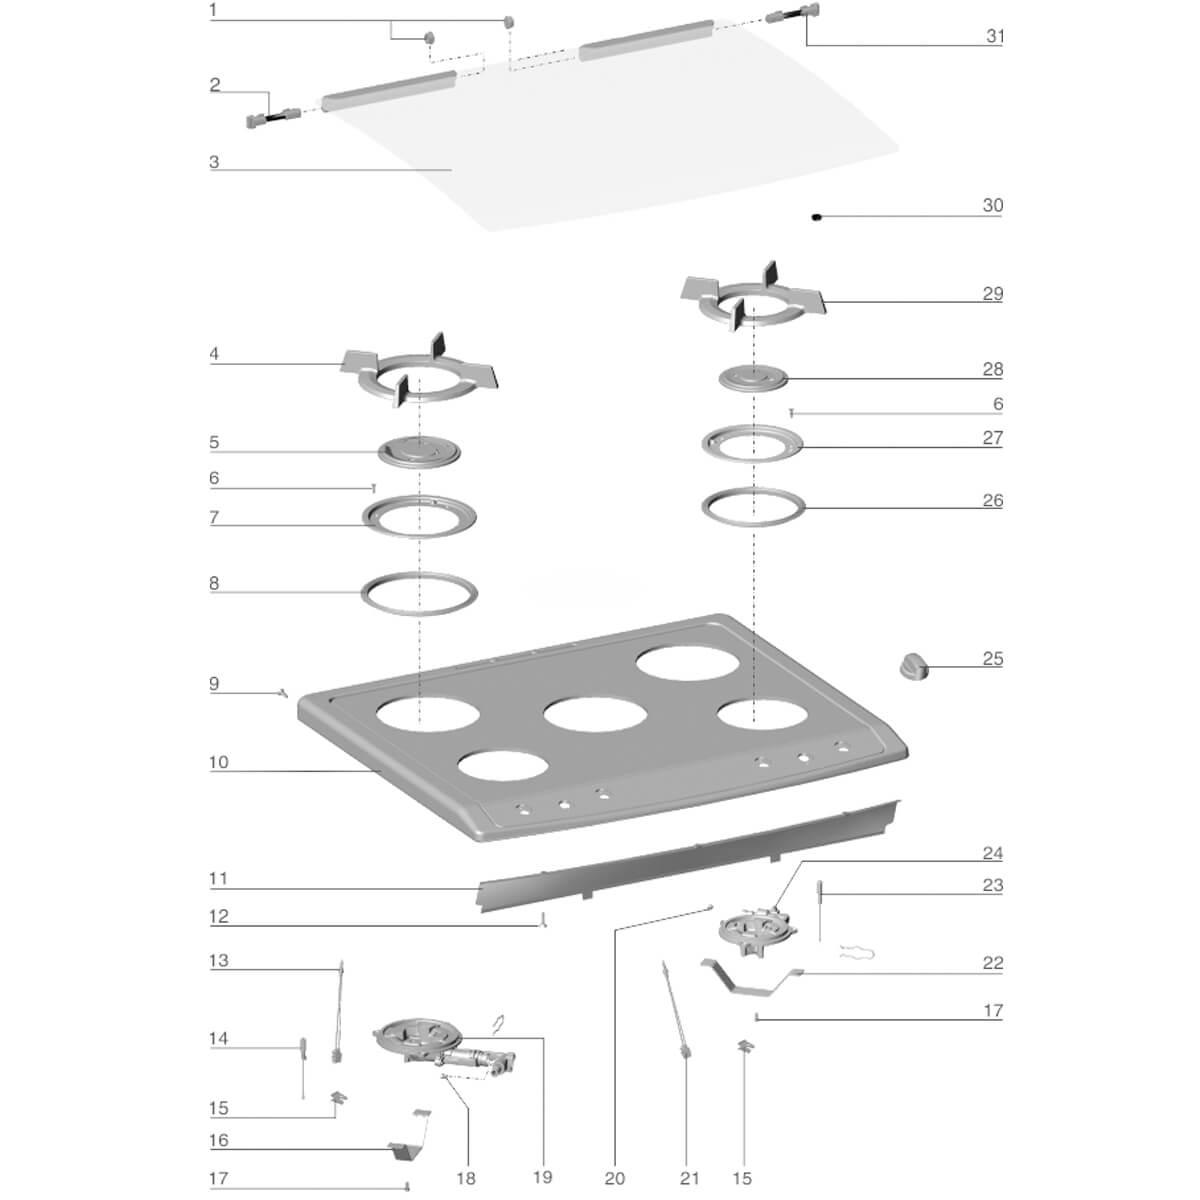 Vedação Arremate Do Queimador Rápido Para Fogão Electrolux 76EGN 76DGN - A02871102